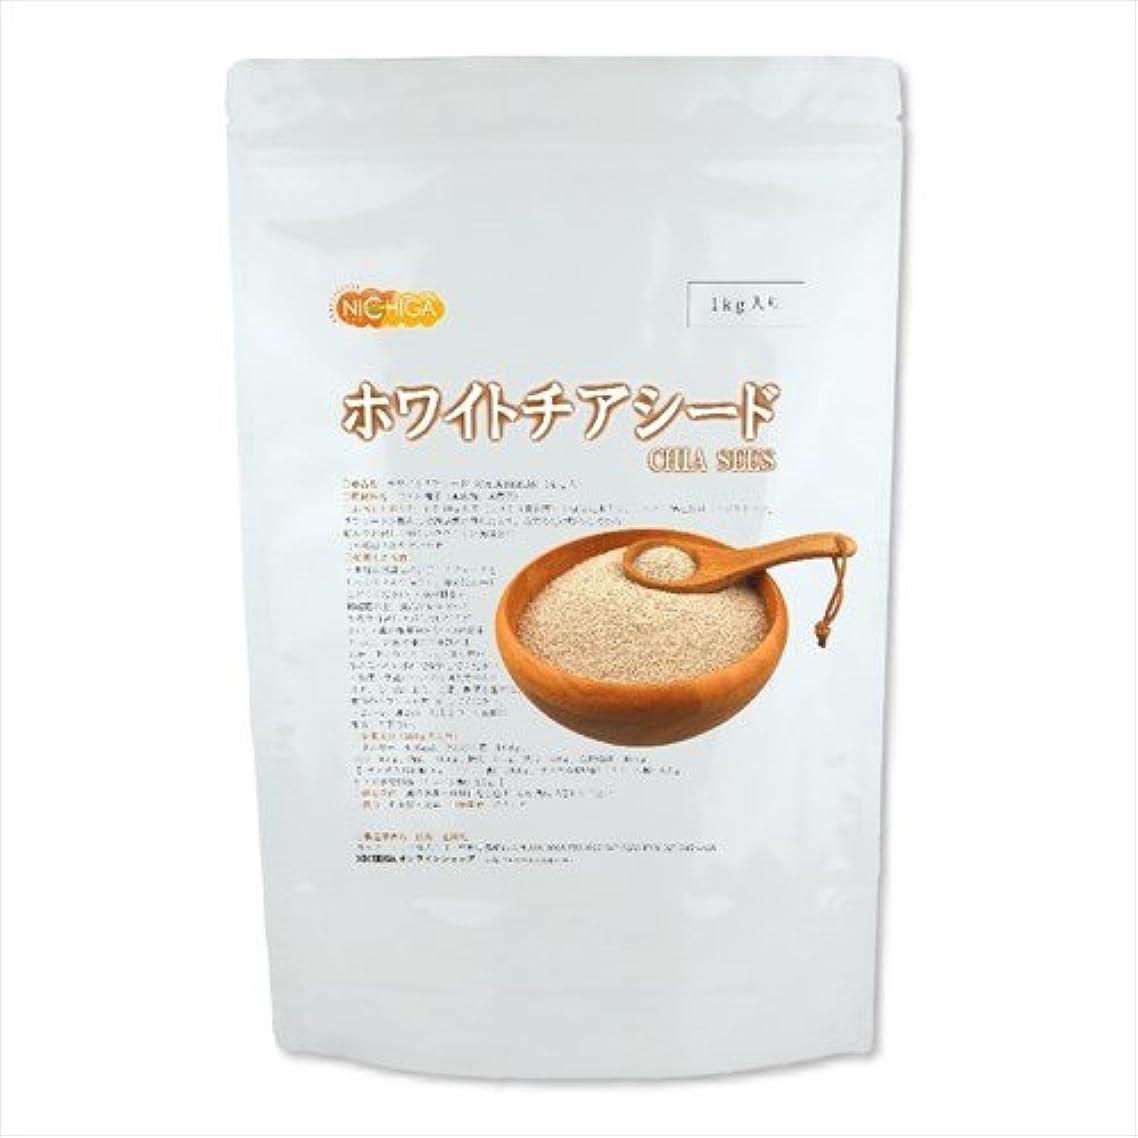 夢中大邸宅体ホワイトチアシード 1kg【CHIASEEDS】[01]食物性最高奇跡の食品 (Miracle foods) 殺菌品 NICHIGA(ニチガ)